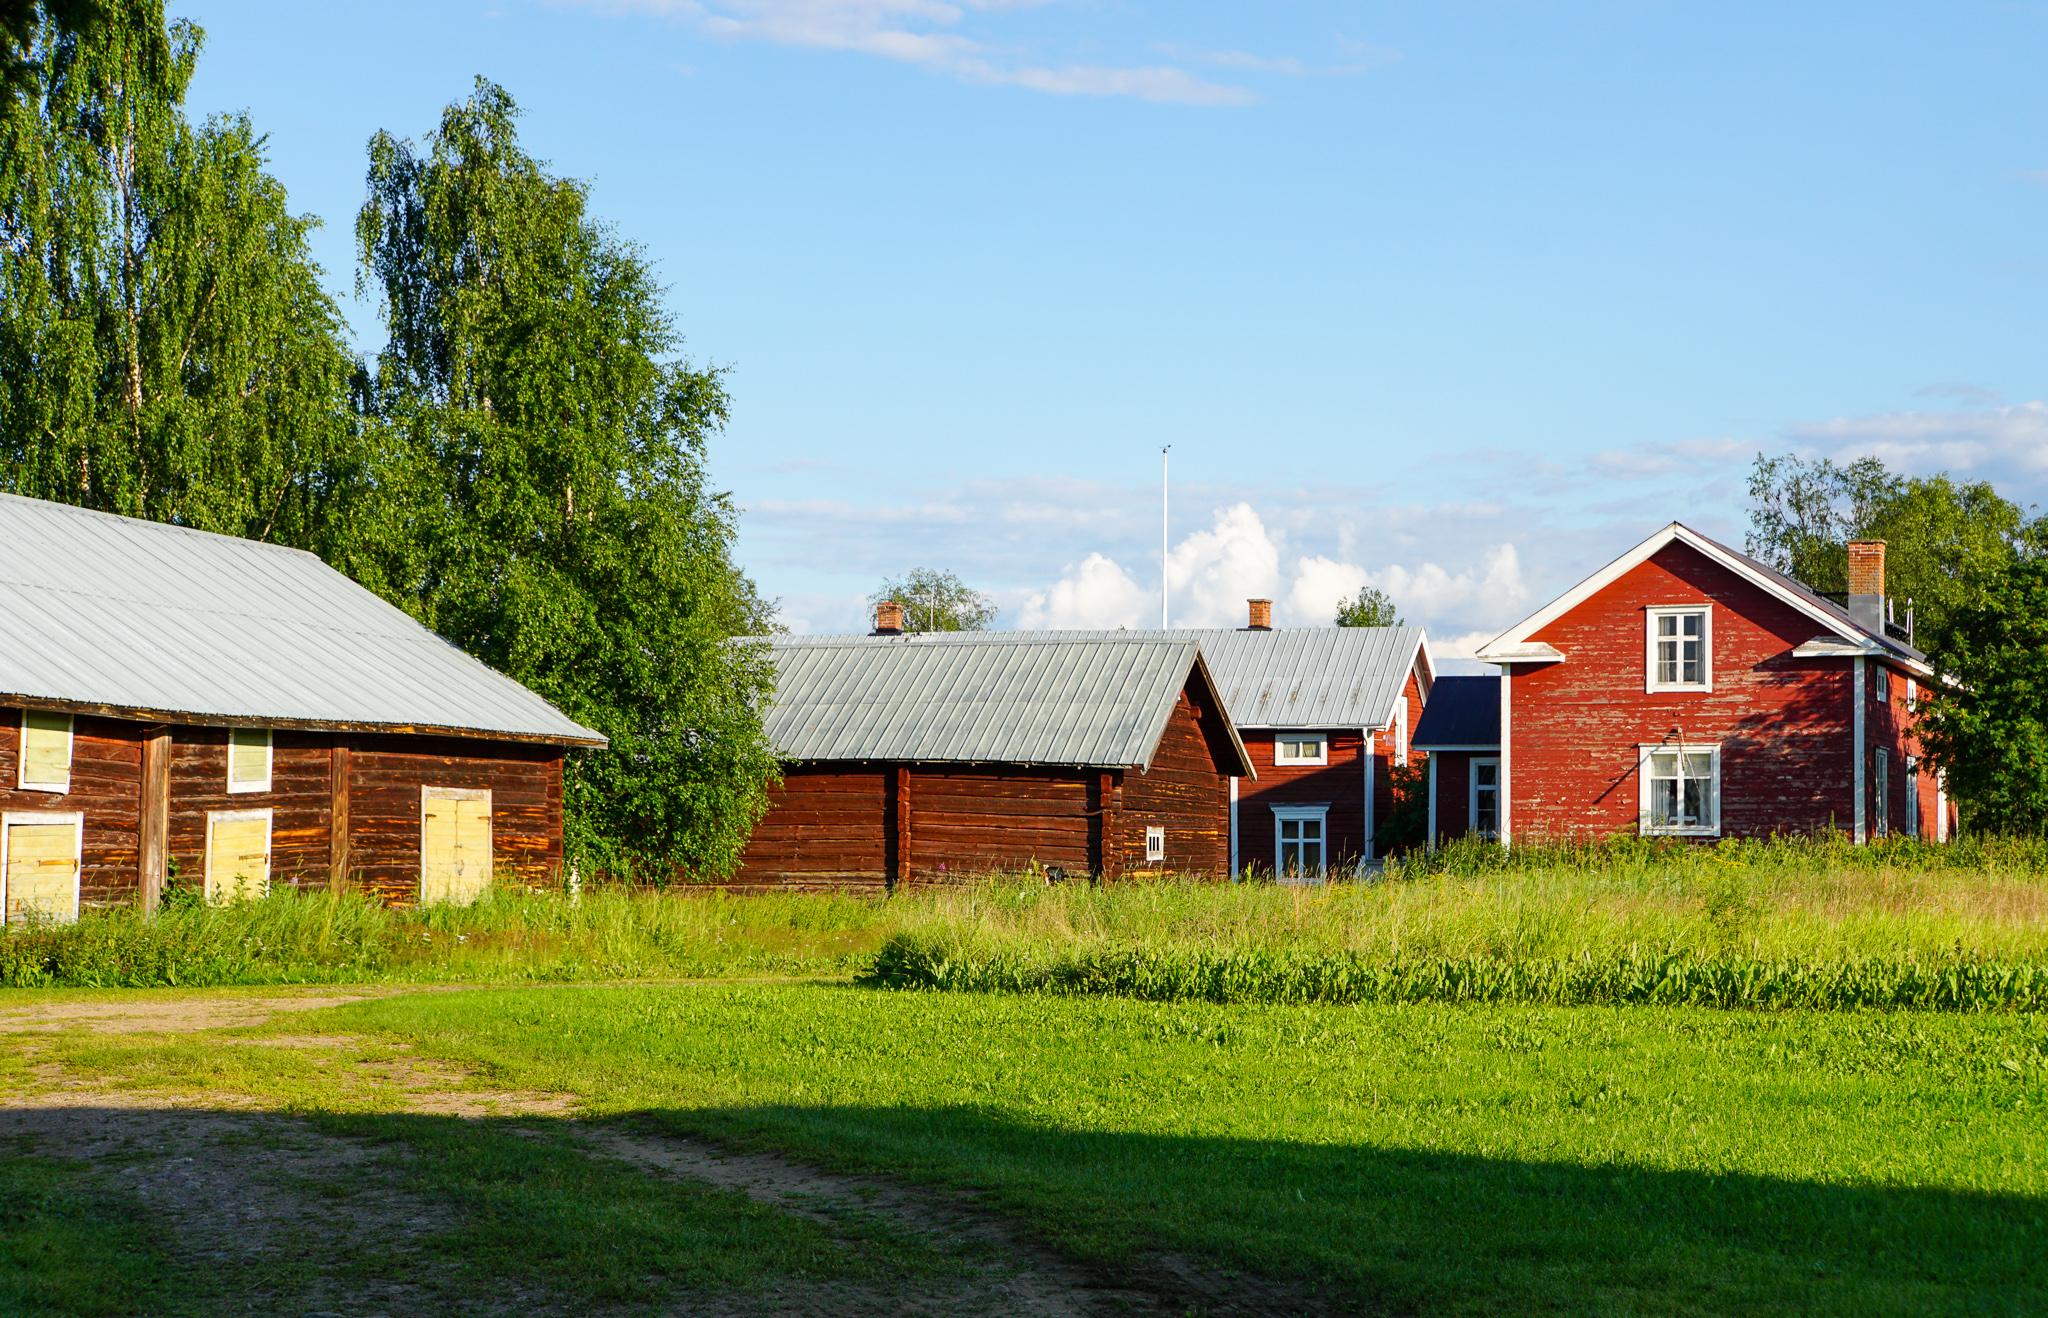 Sommarvykort från Jarhois